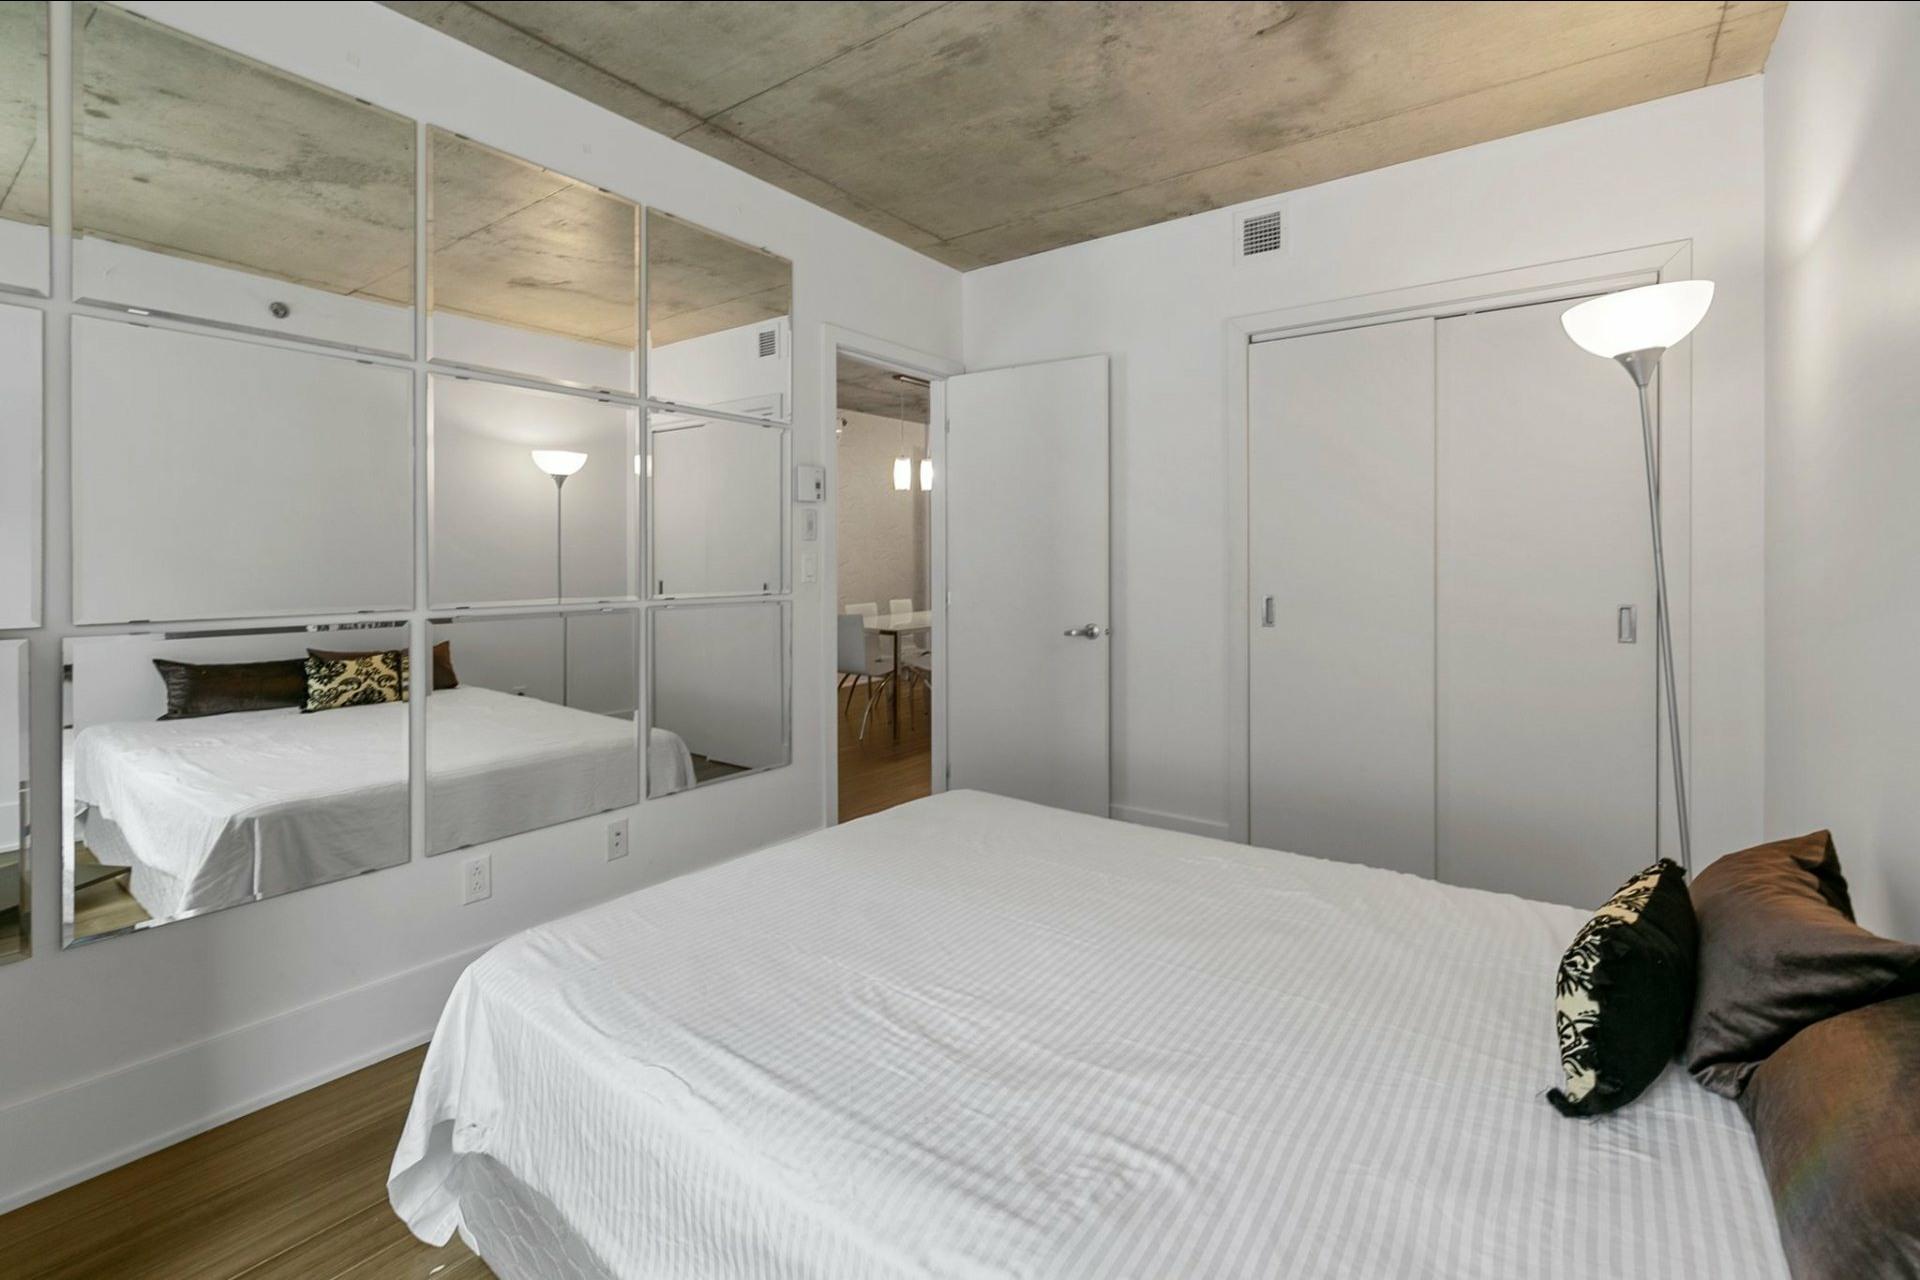 image 16 - Appartement À vendre Ville-Marie Montréal  - 5 pièces